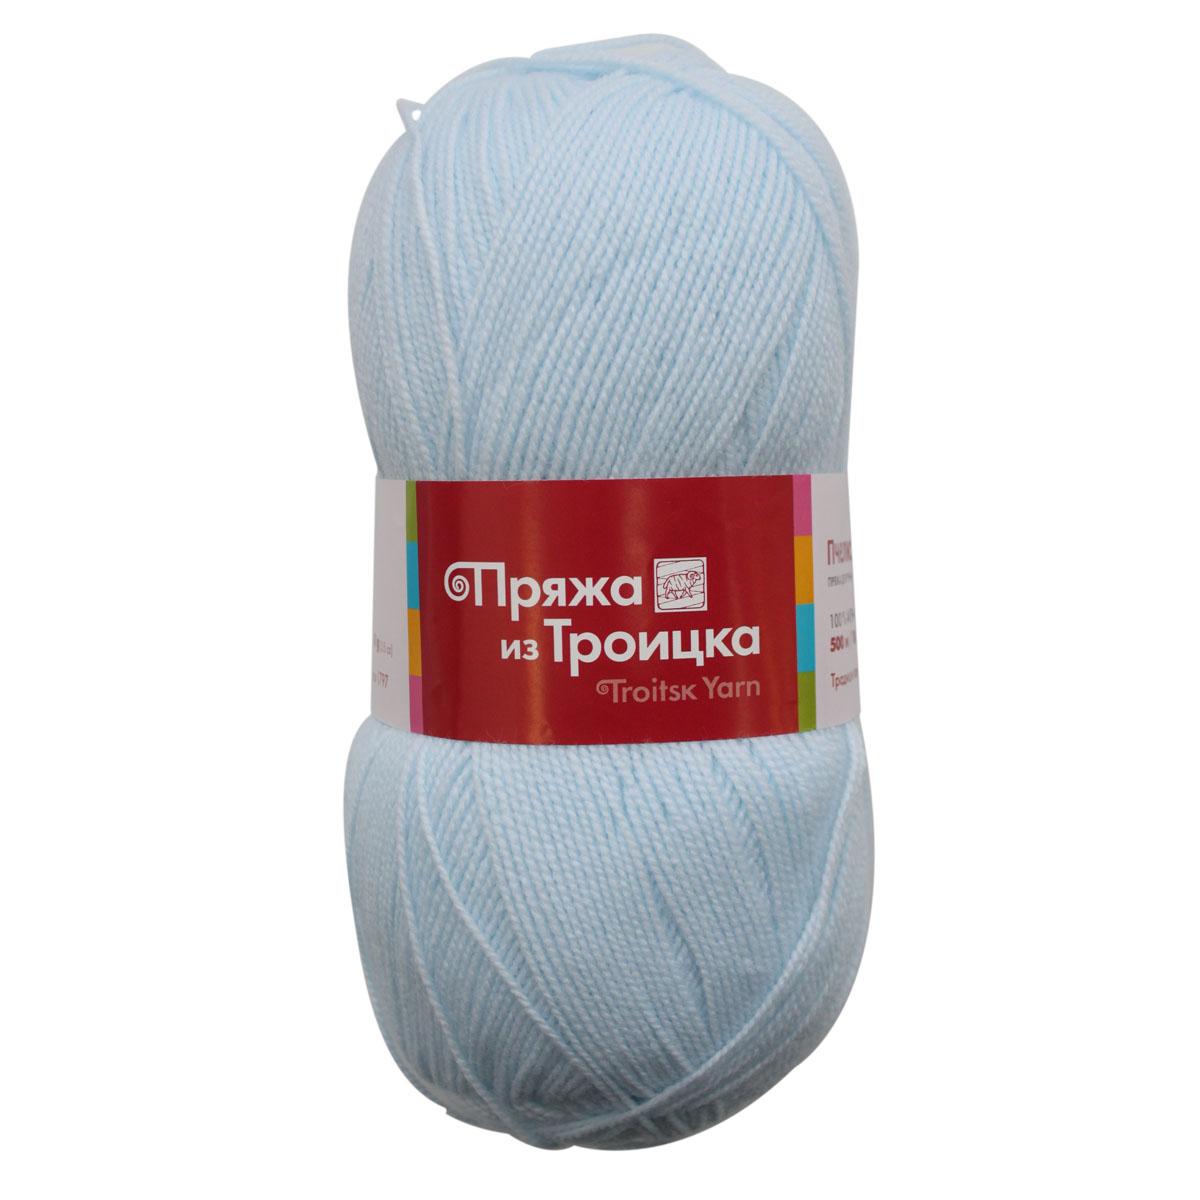 Пряжа для вязания Пчелка, 100 г, 500 м, цвет: 0278 бледно-голубой, 10 шт366098_0278